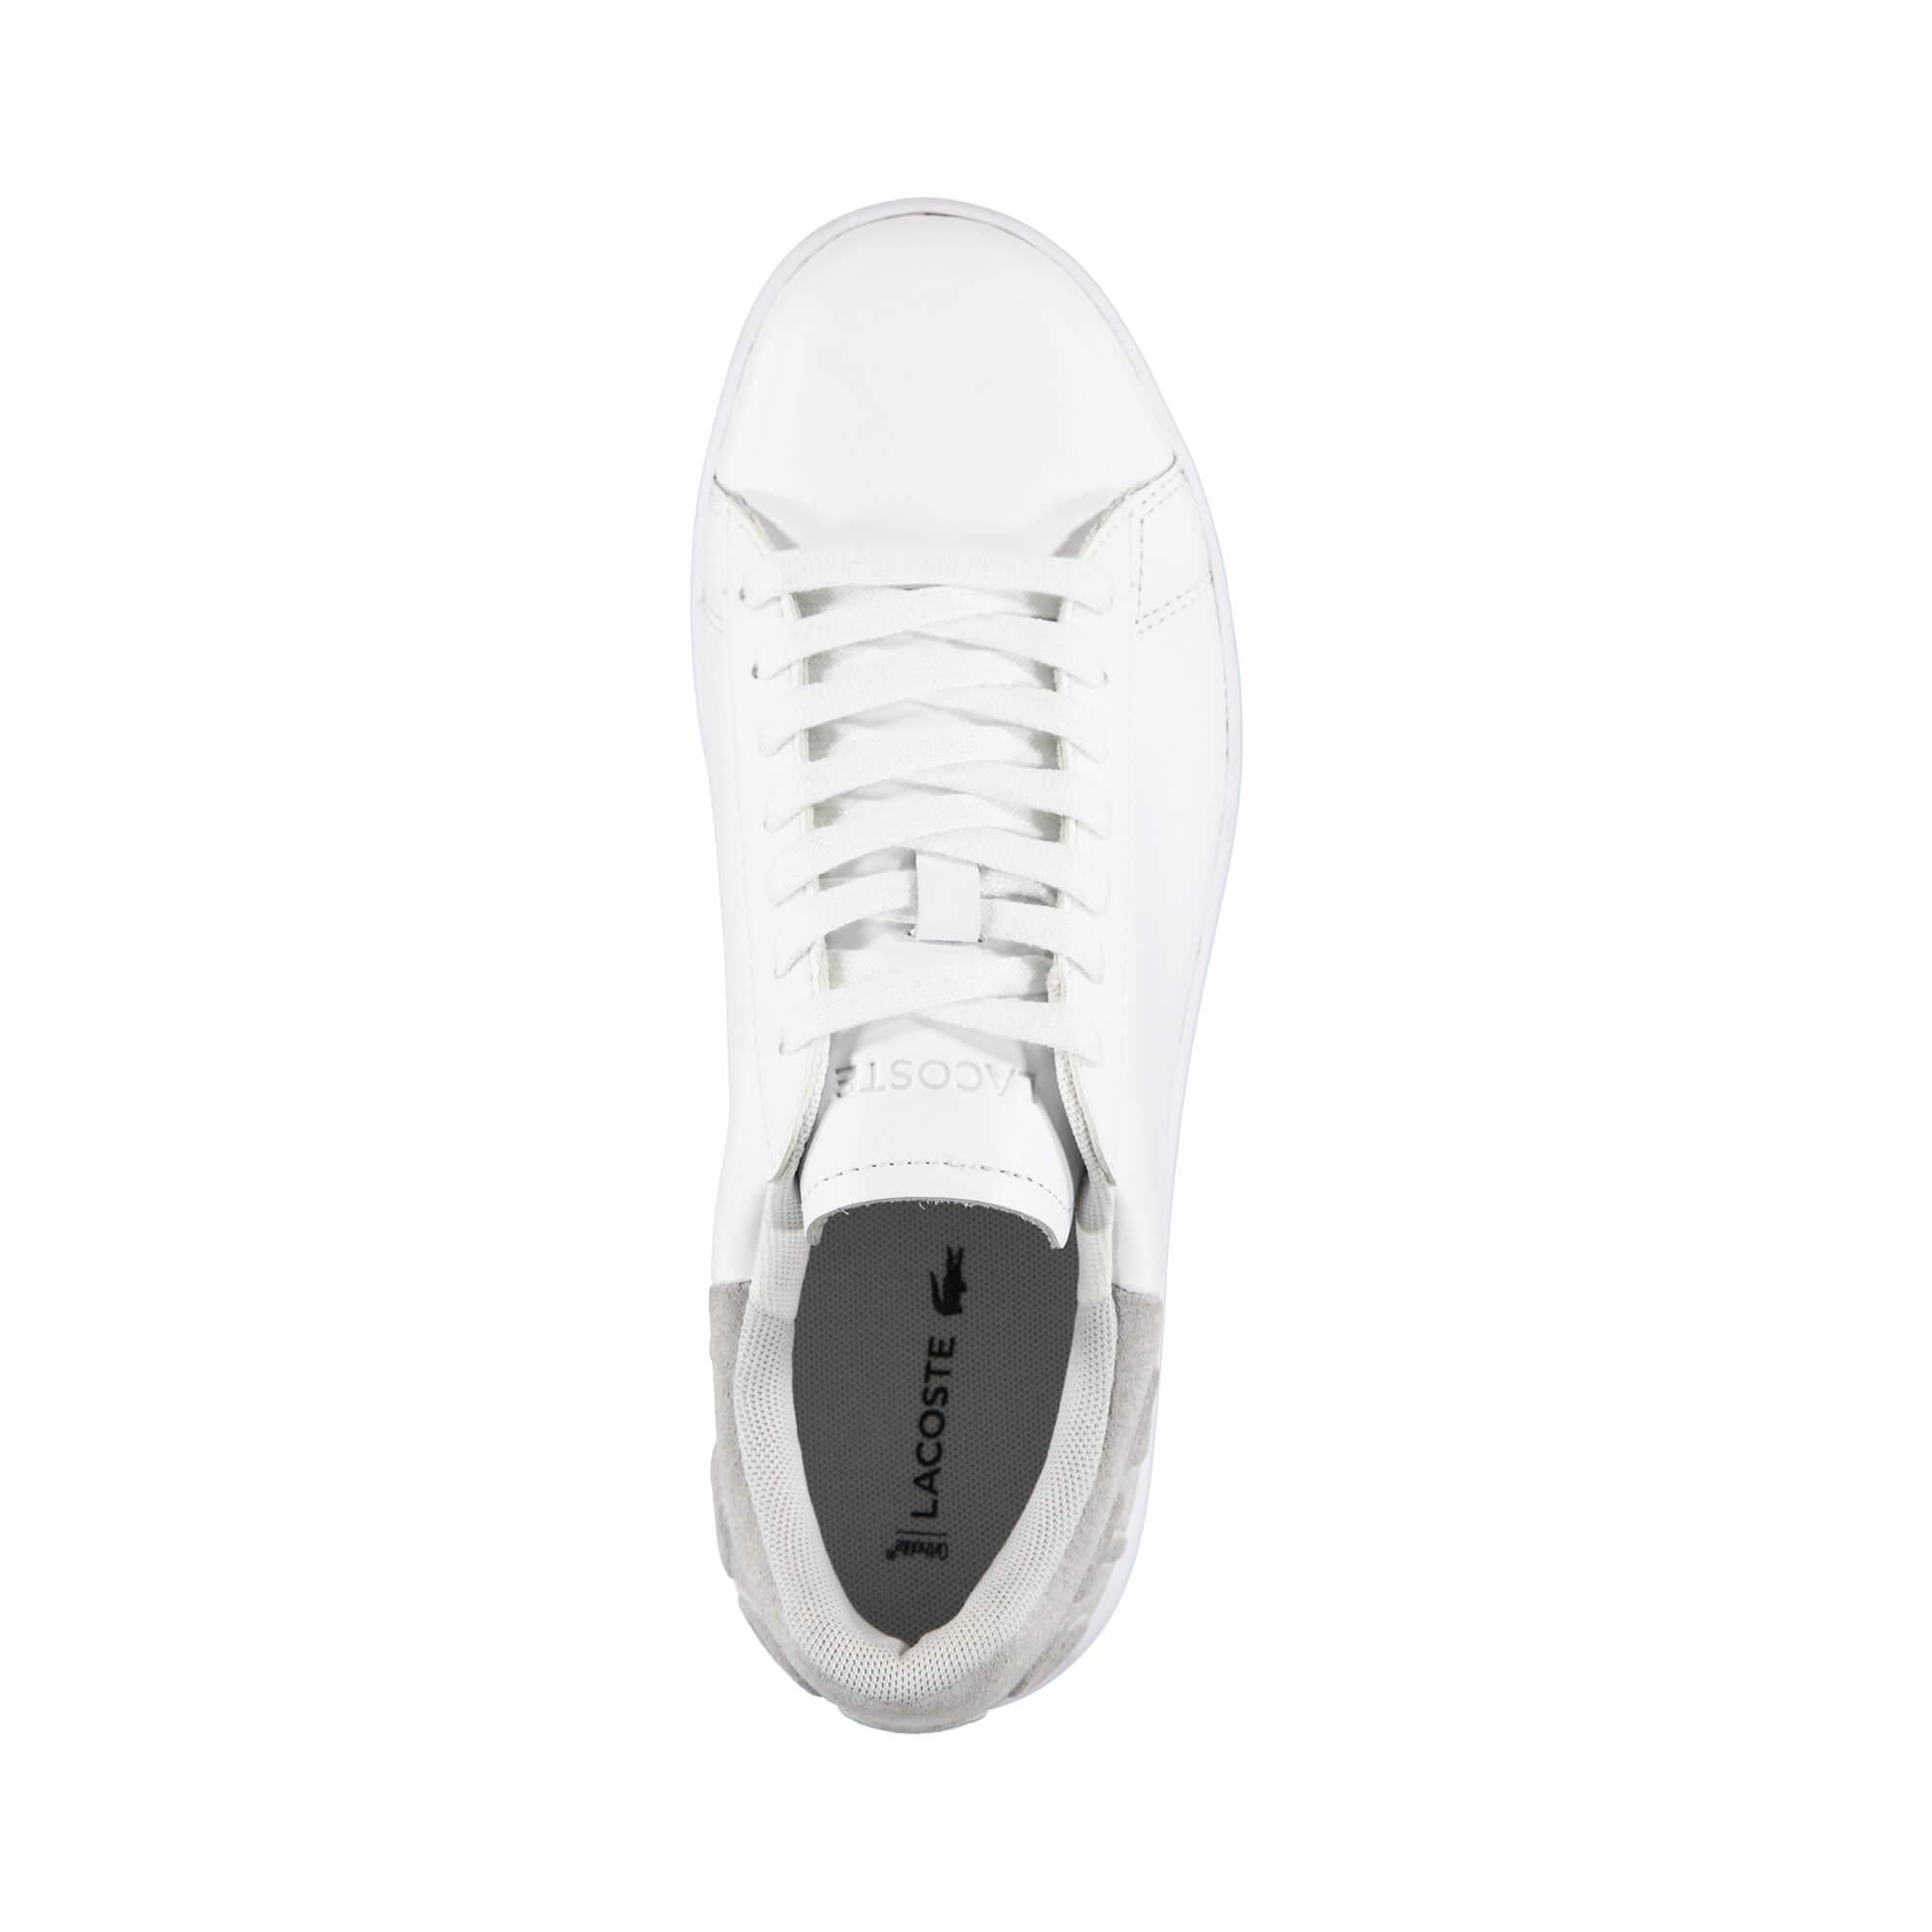 Lacoste Women's Carnaby Evo 318 3 Leather Sneaker